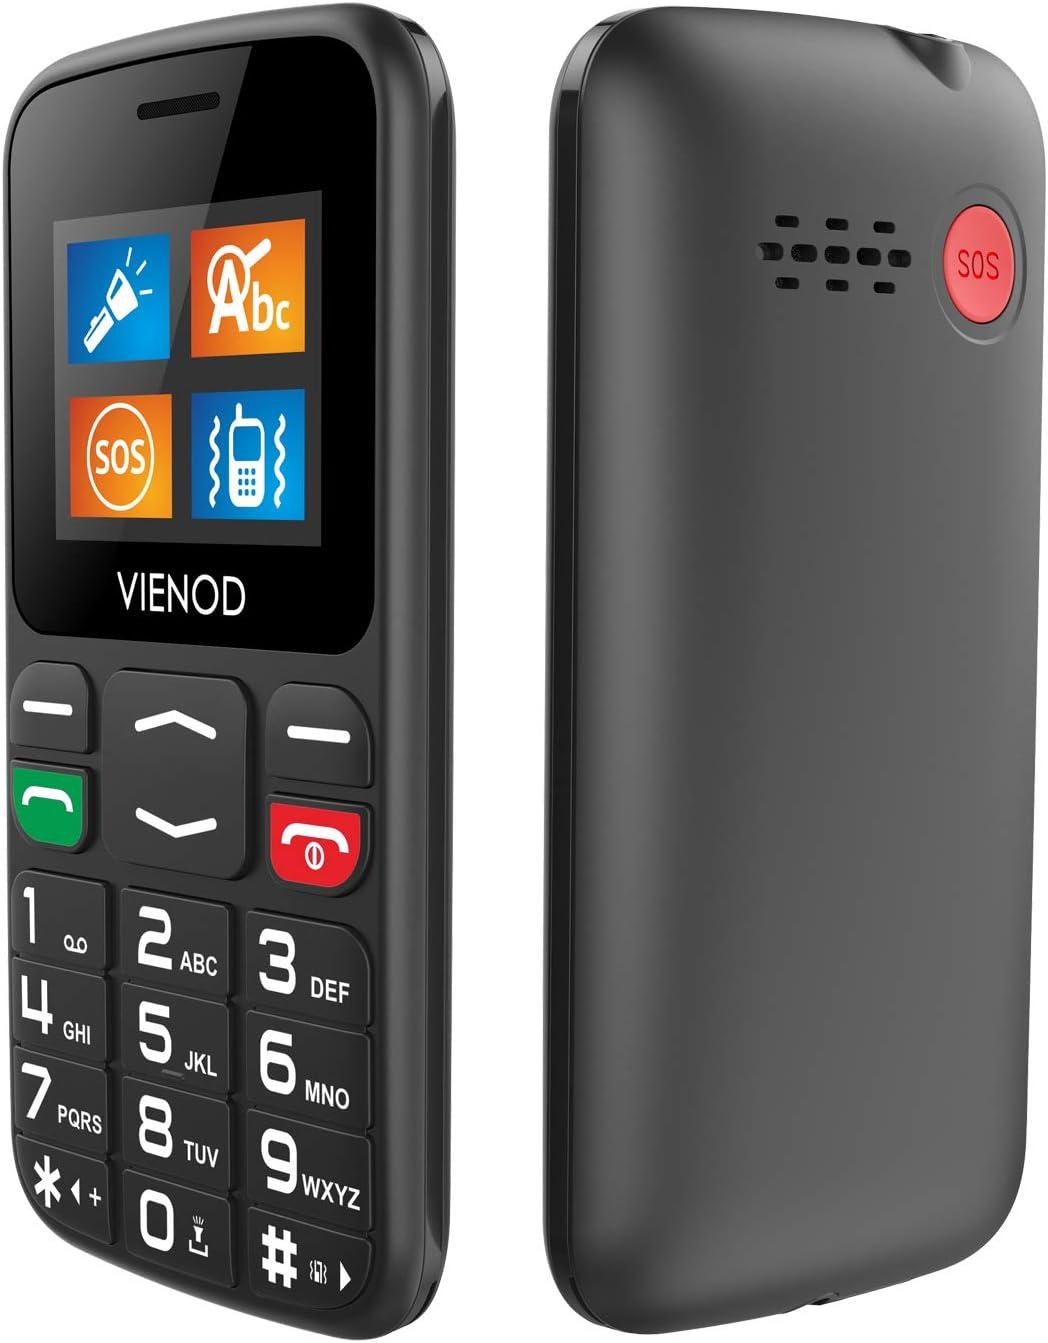 VIENOD V105 gsm Teléfonos Móviles para Personas Mayores con Teclas Grandes, Fáciles De Usar Móviles para Ancianos, Botón SOS, Altavoz, Marcado Rápido - Negro